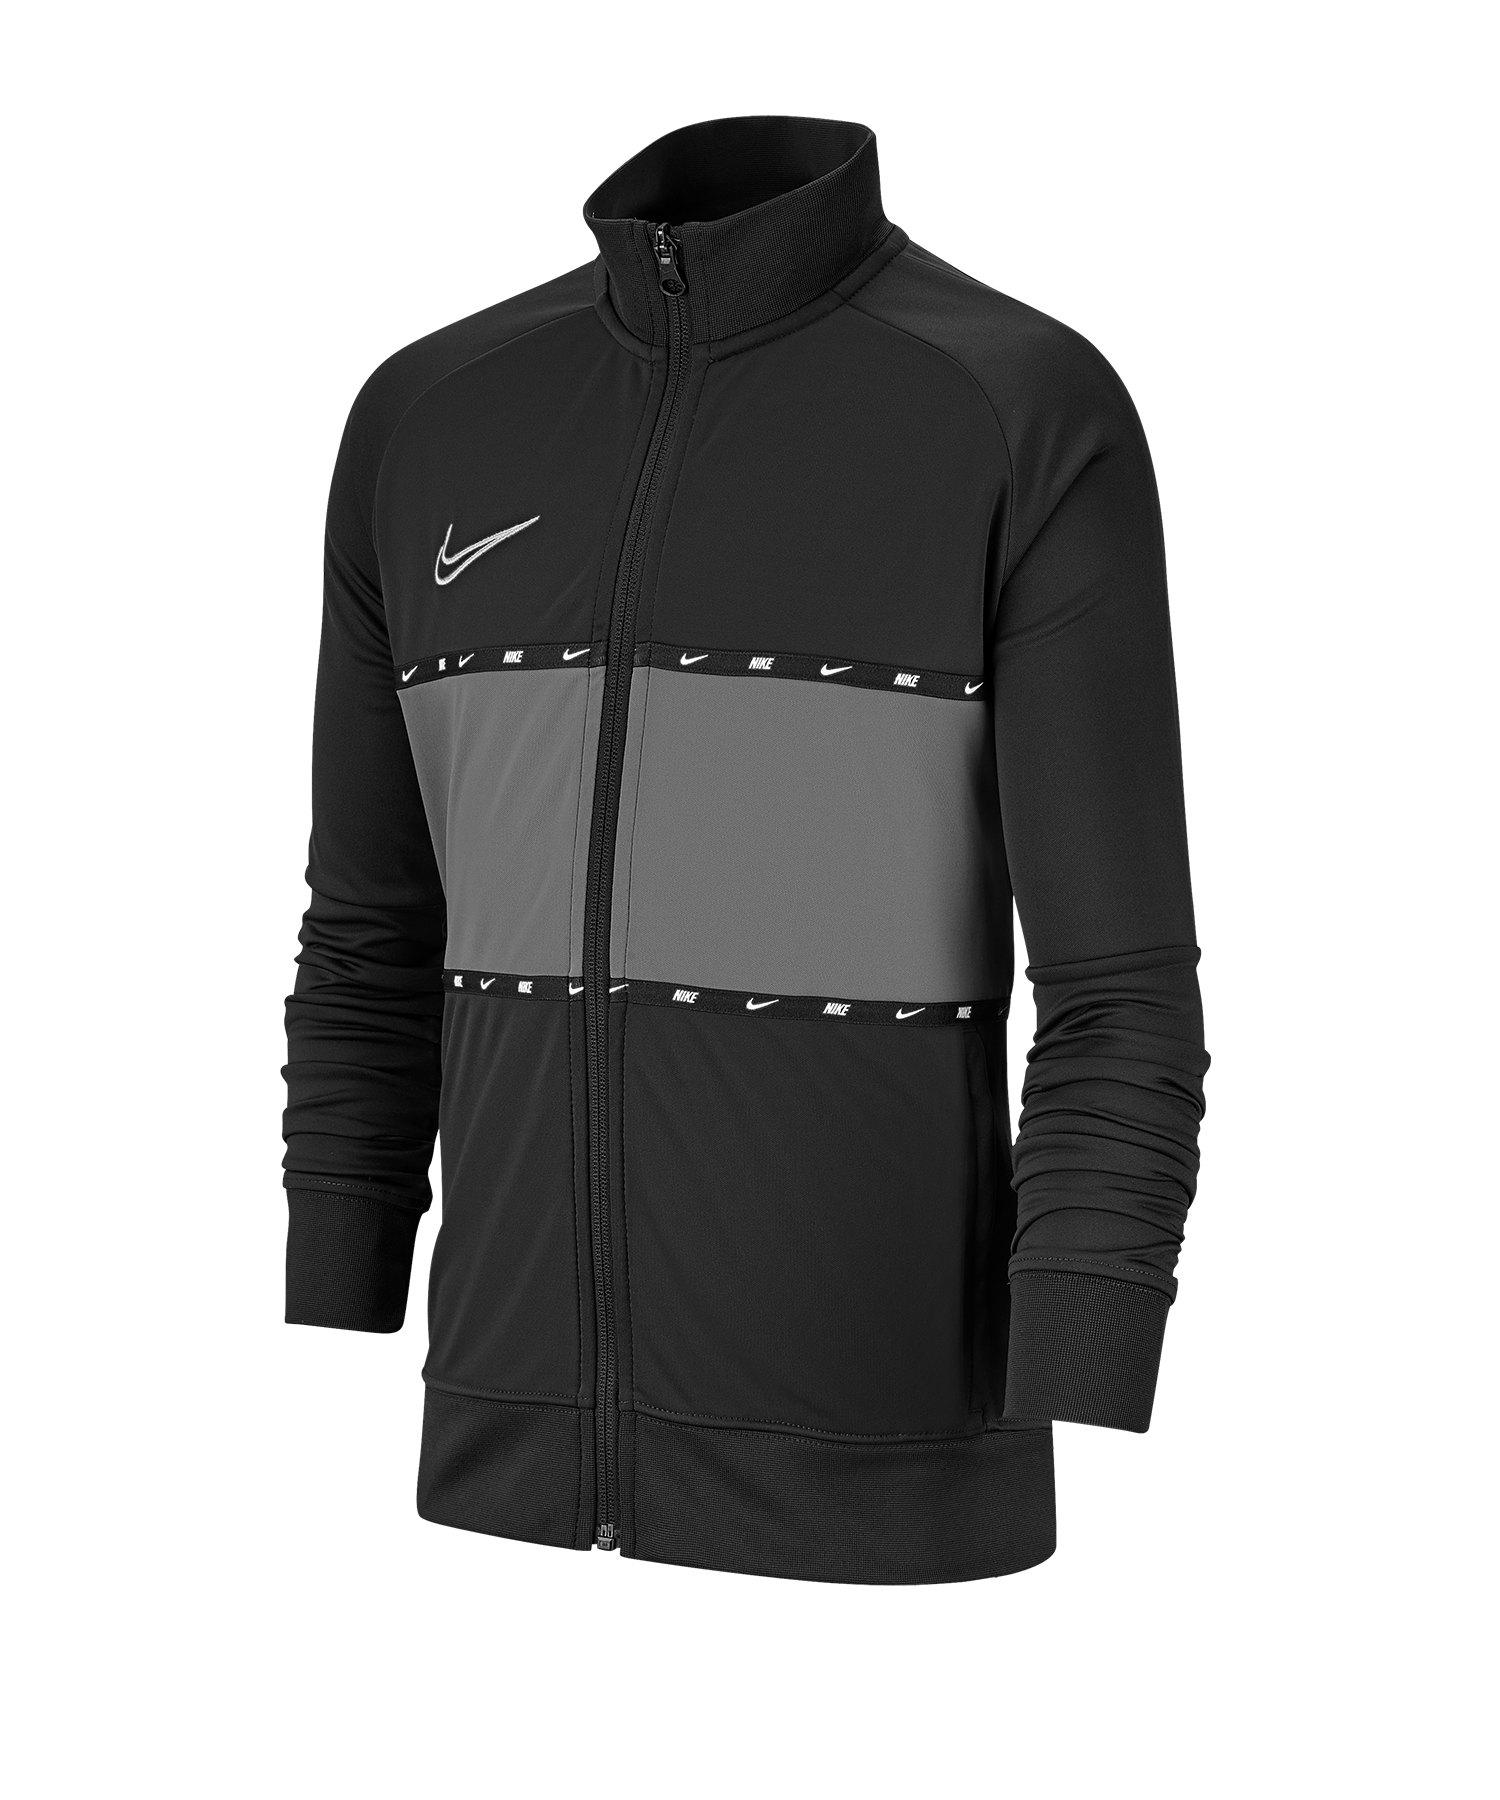 Nike Academy Dri-FIT Trainingsjacke Kids F010 - schwarz